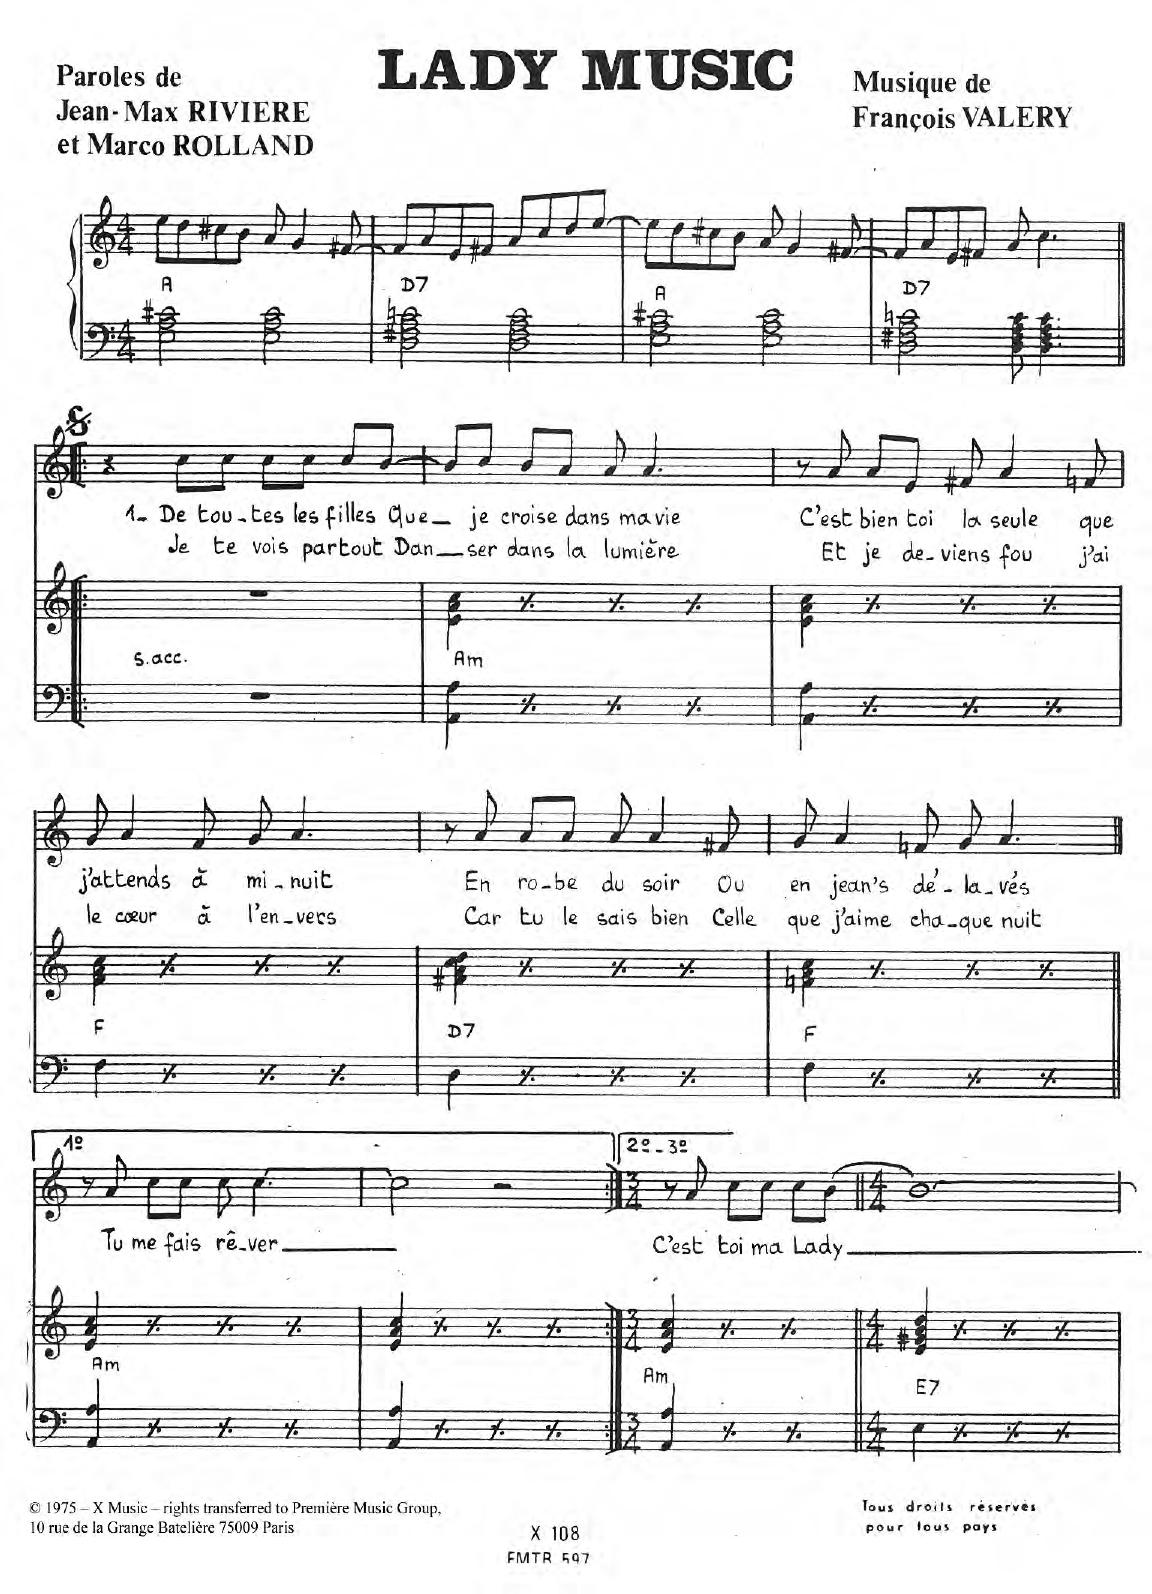 Lady Music Sheet Music